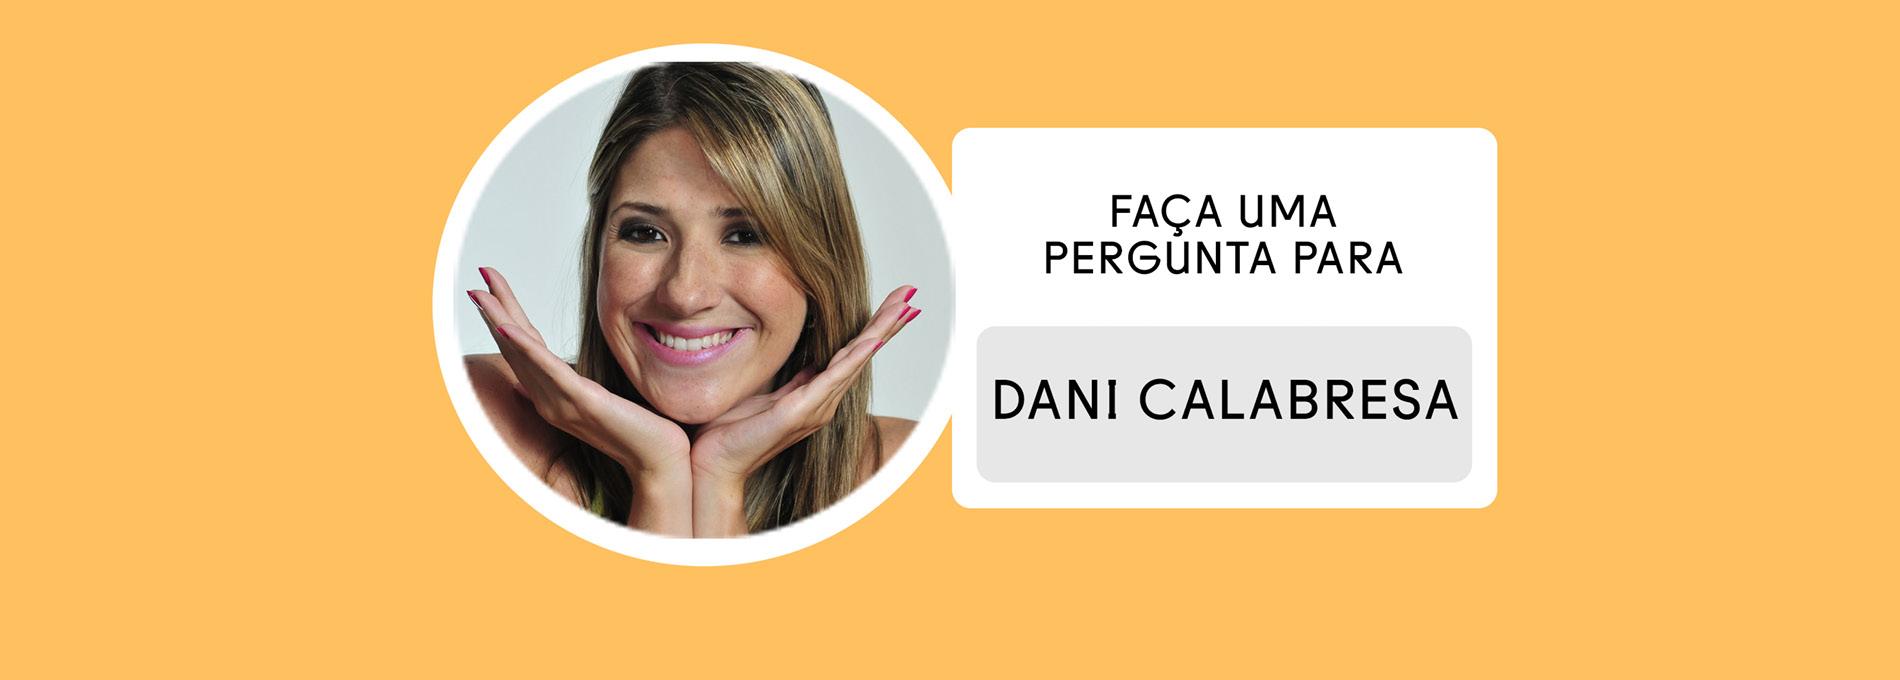 Faça uma pergunta para: Dani Calabresa